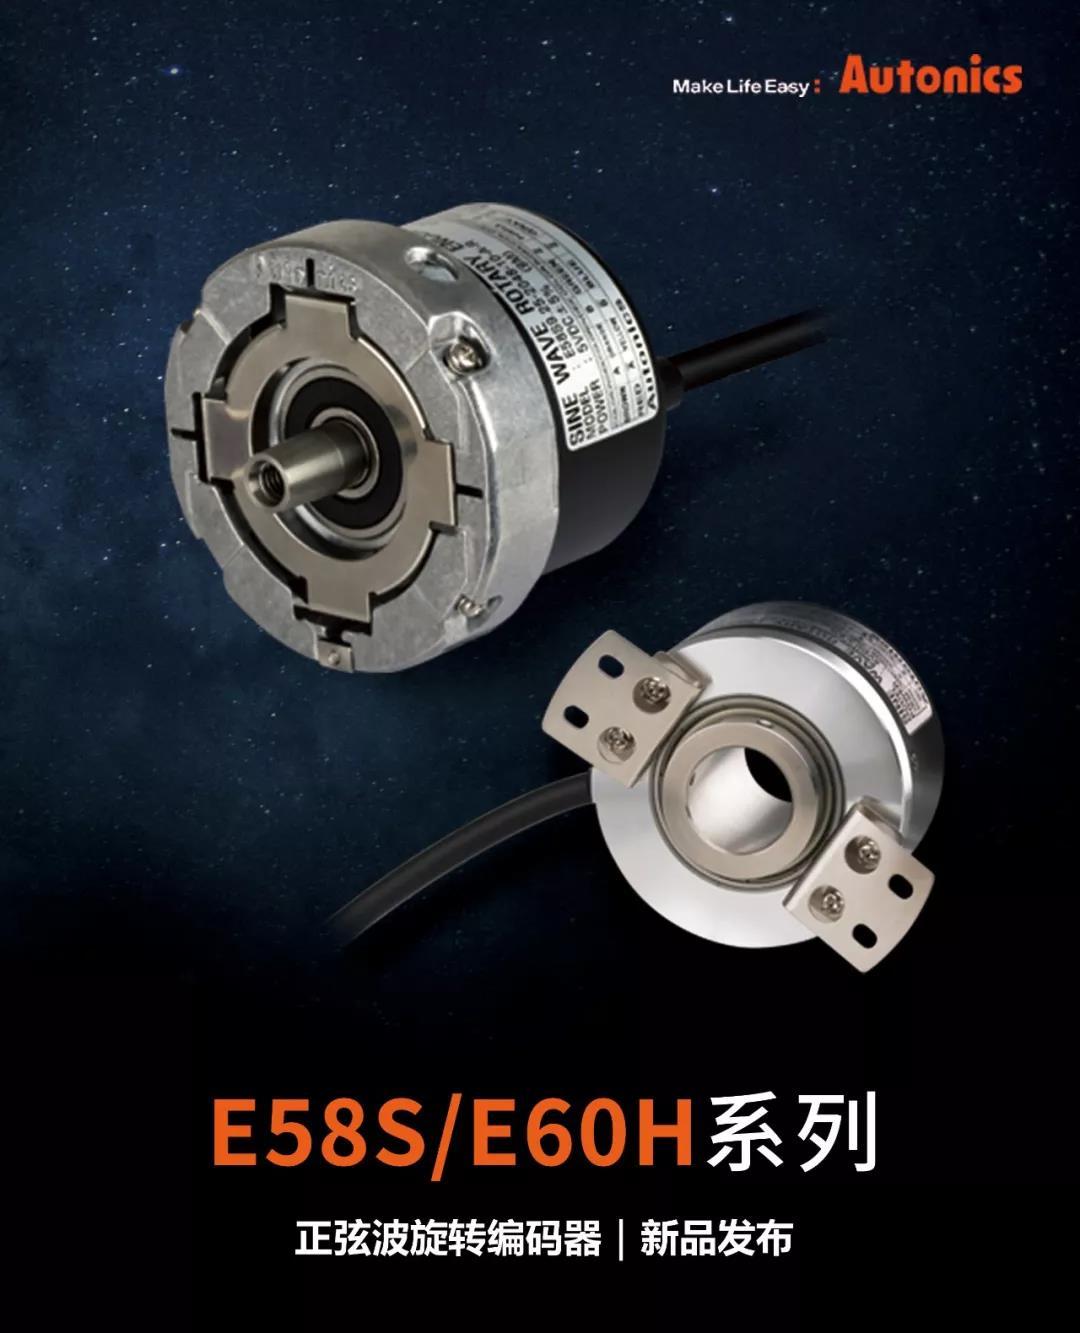 新品上市 | 正弦波旋轉編碼器E58S/E60H系列